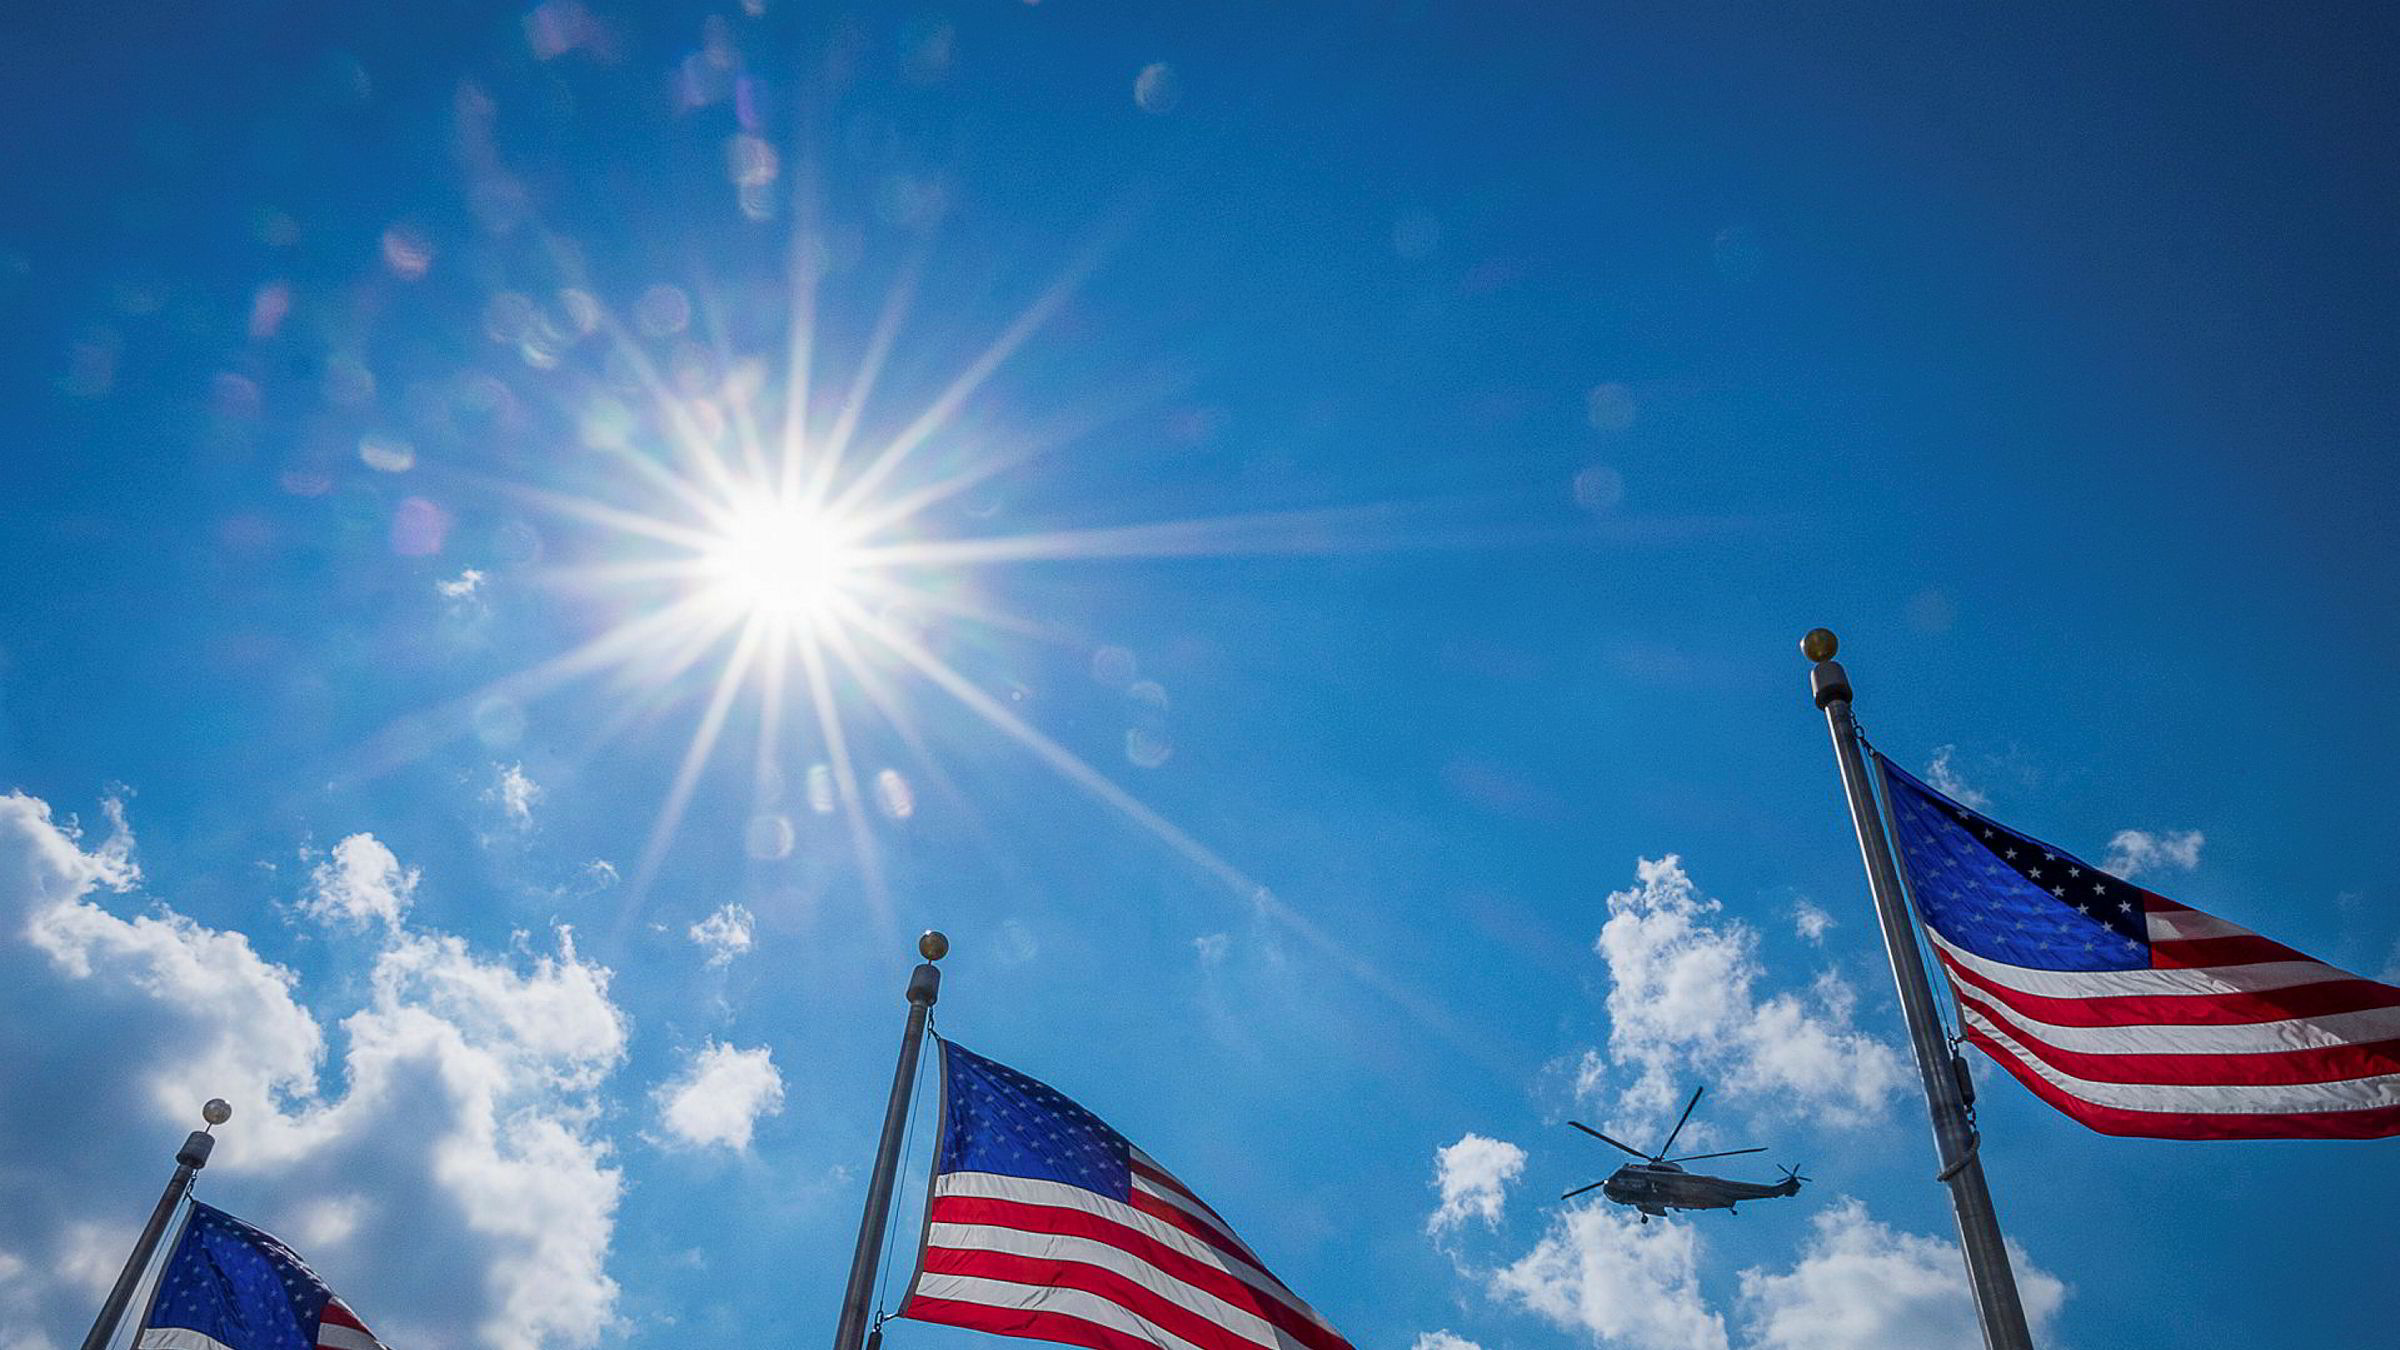 Du får mest igjen for pengene dine om du reiser til USA neste sommer, ifølge Morgan Stanley.